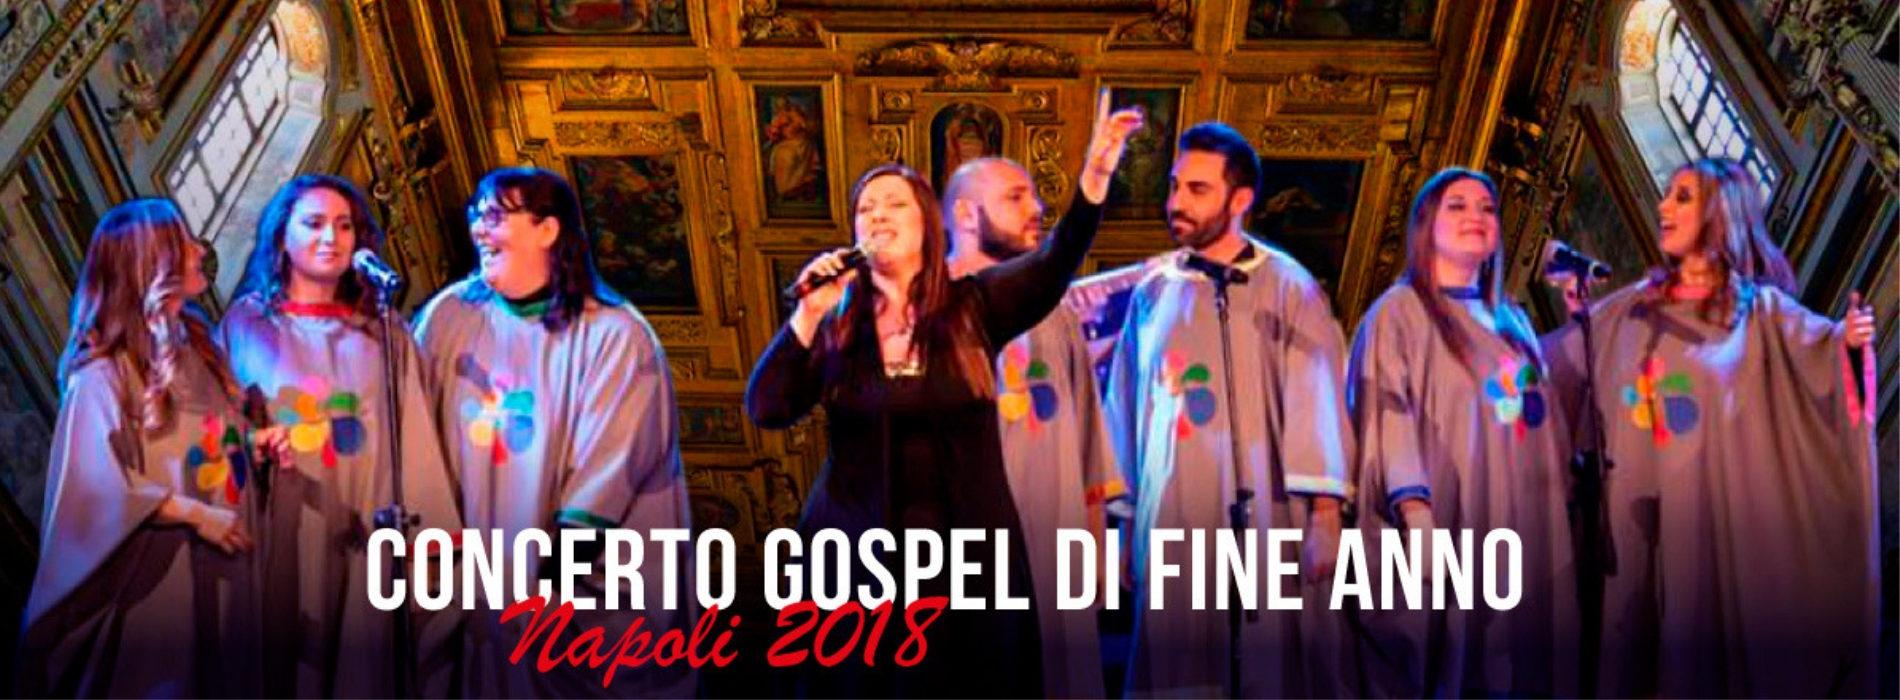 Concerto Gospel di Fine Anno